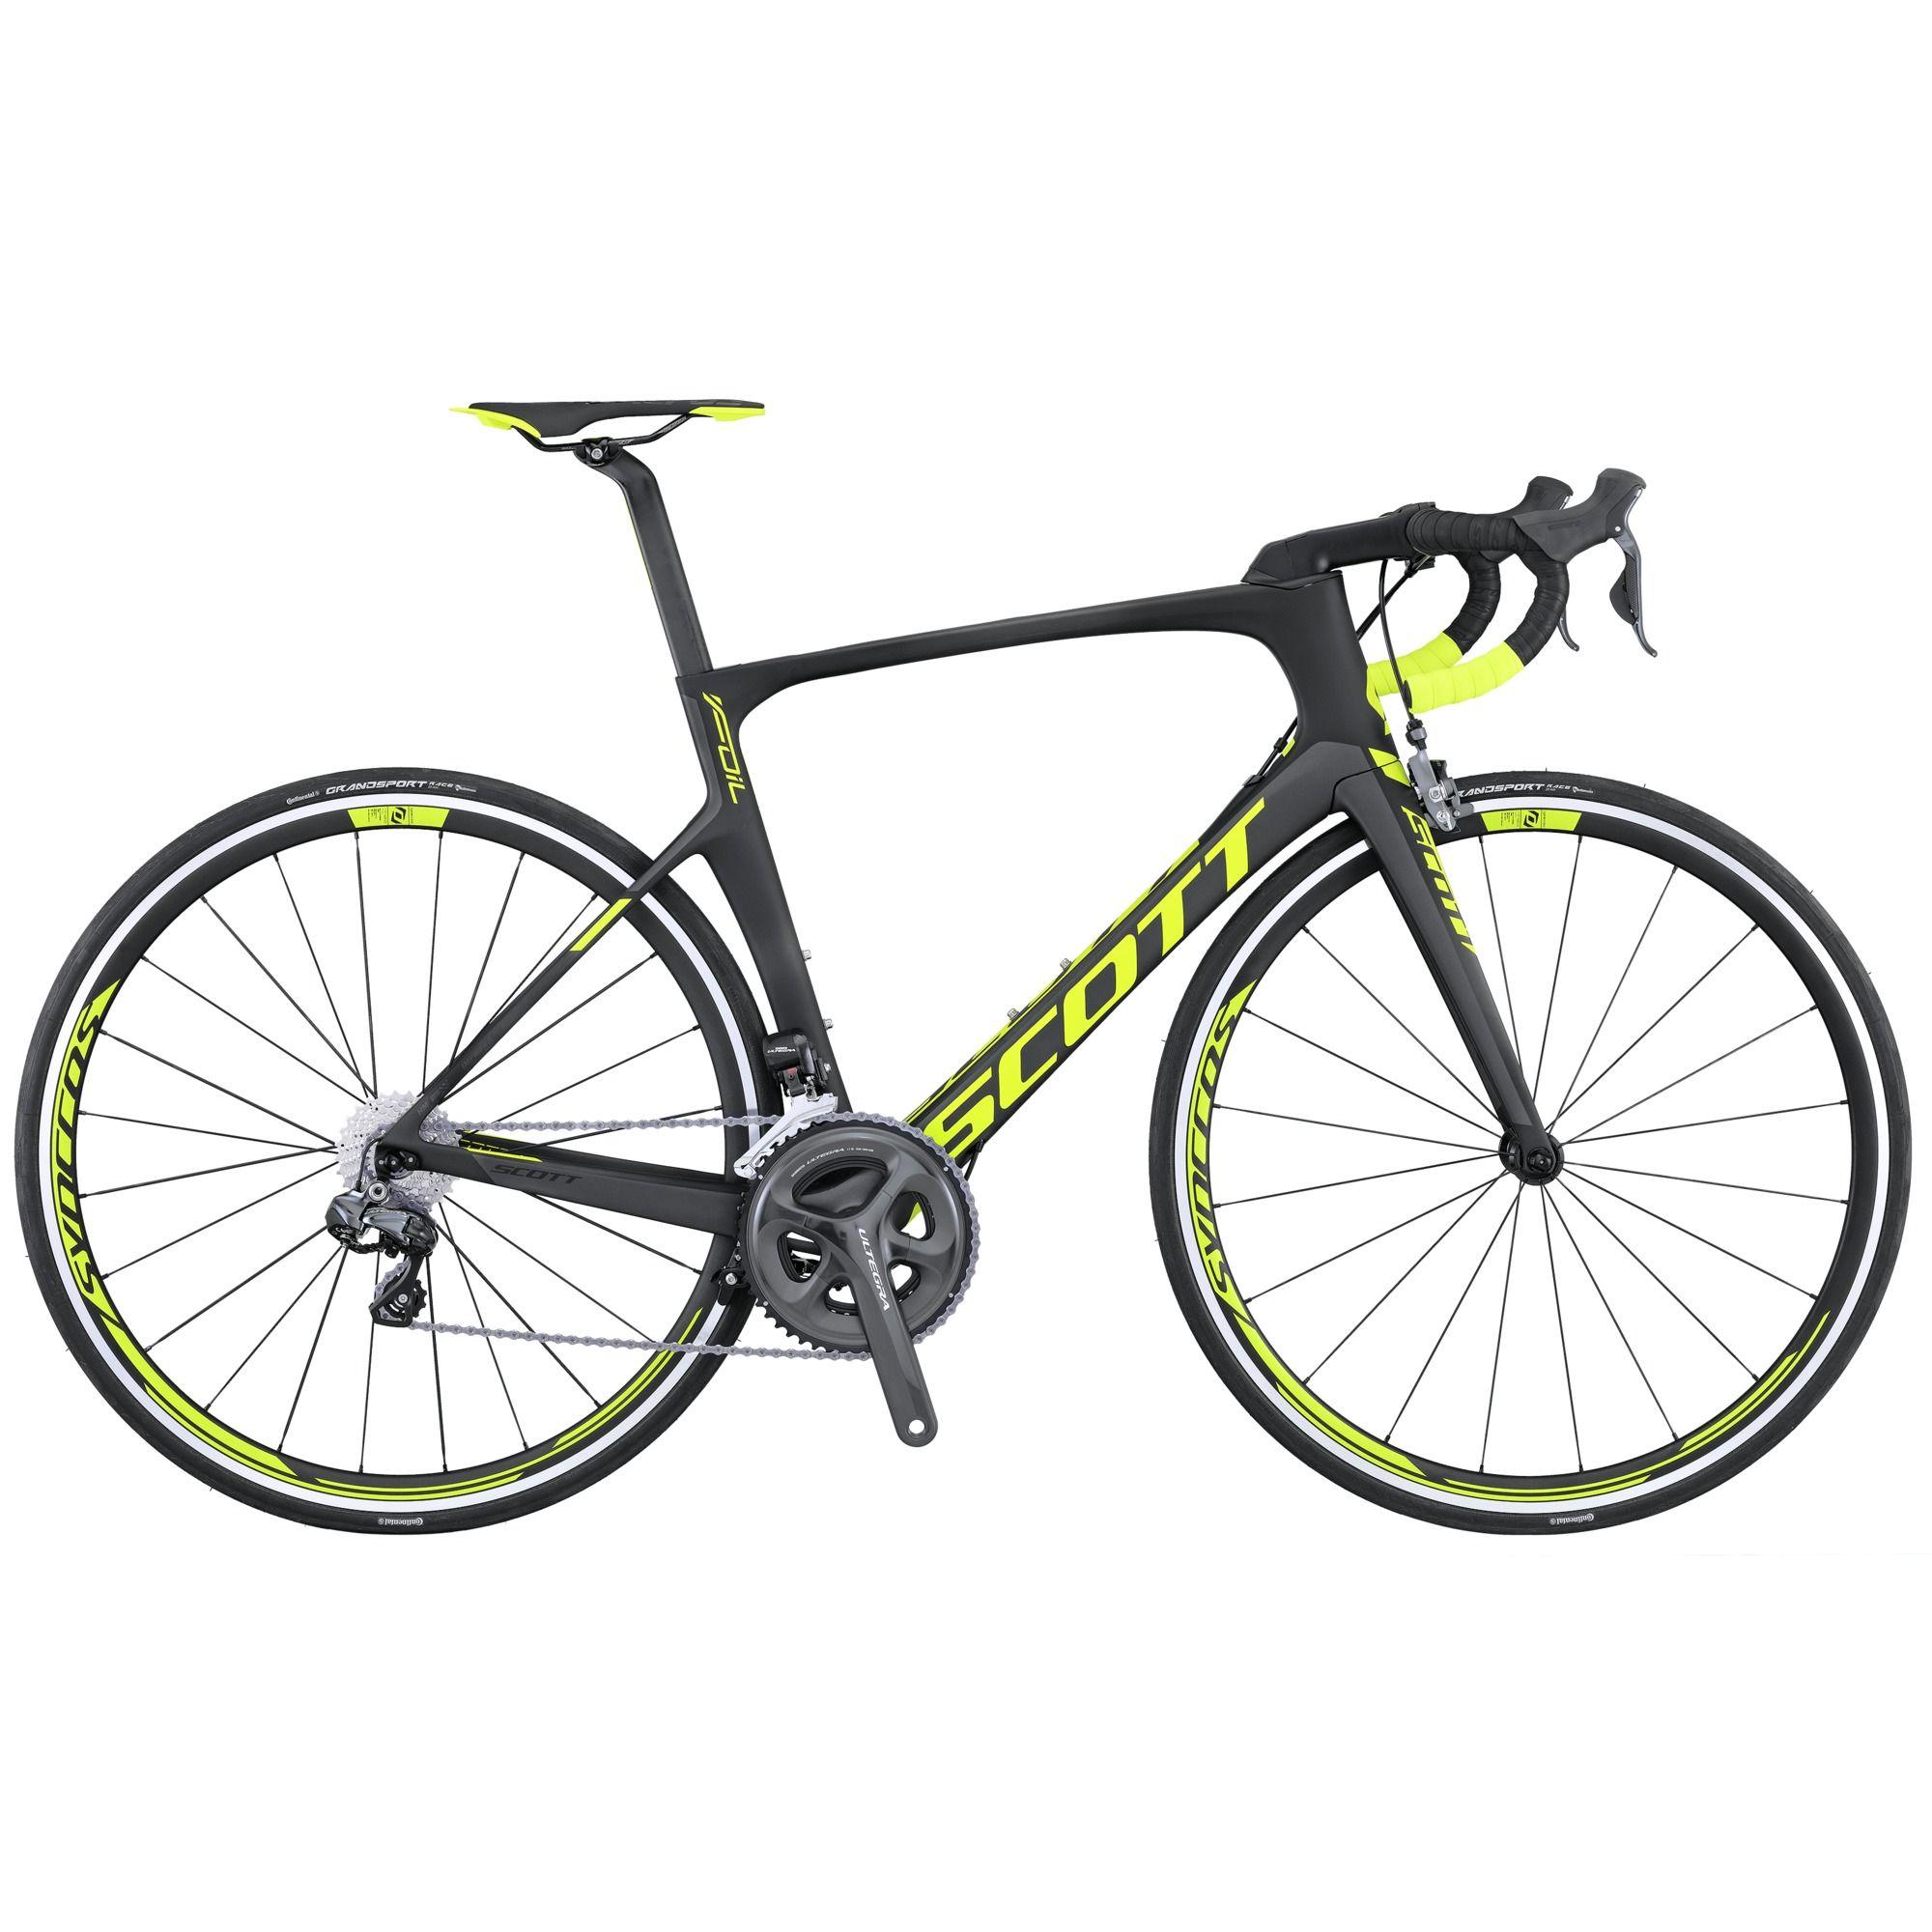 Велосипед ScottШоссейные<br>Scott Foil 10 - это высокоуровневый шоссейный велосипед, который способен понравиться широкому кругу профессиональных гонщиков. Модель отличается малым весом, стильным дизайном и высококачественными комплектующими. Рама и вилка Scott Foil 10 изготовлены из карбона, что помогло снизить общий вес модели. Трансмиссия Shimano Ultegra порадует вас надежной работой даже в сложных условиях. Ободная механика Shimano Ultegra поможет остановить велосипед в любой момент. Прочный виллсет Syncros RR2.0 обут в накатистые покрышки Continental Grand Sport Race.<br><br>year: 2016<br>цвет: чёрный<br>пол: мужской<br>уровень оборудования: профессиональный<br>рулевая колонка: Syncros Integrated<br>вынос: Syncros Foil 1 1/4<br>руль: Syncros RR2.0, Anatomic 31.8 мм<br>передний тормоз: Shimano Ultegra BR-6810, Super SLR Dual pivot / Direct mount<br>задний тормоз: Shimano Ultegra BR-6810, Super SLR Dual pivot / Direct mount<br>цепь: Shimano CN-HG600<br>система: Shimano Ultegra FC-6800, Hollowtech II, 52x36T<br>каретка: Ultegra SM-BB72-41<br>ободья: Syncros RR2.0, спереди: 20H, сзади: 24H<br>передняя втулка: Syncros RR2.0<br>задняя втулка: Syncros RR2.0<br>спицы: Syncros RR2.0<br>передняя покрышка: Continental Grand Sport Race, Fold, 700 x 23C<br>задняя покрышка: Continental Grand Sport Race, Fold, 700 x 23C<br>седло: Syncros RR2.0<br>подседельный штырь: Syncros Foil aero Carbon<br>кассета: Shimano Ultegra CS-6800, 11-28T<br>манетки: Shimano Ultegra ST-6870, 22 Speed Electronic Shift<br>вес: 7.5 кг<br>рама: Foil HMF IMP, F01 Aero Carbon tech. Road Race geometry Replaceable Dropout STD Seattube / INT BB<br>вилка: Foil HMF 1 1/4 - 1 1/2 Carbon steerer, Integrated Carbon Dropout<br>размер рамы: 21&amp;amp;quot;<br>материал рамы: карбон<br>тип тормозов: ободной<br>передний переключатель: Shimano Ultegra FD-6870, Eletronic Shift System<br>задний переключатель: Shimano Ultegra RD-6870, 22 Speed Electronic<br>количество скоростей: 22